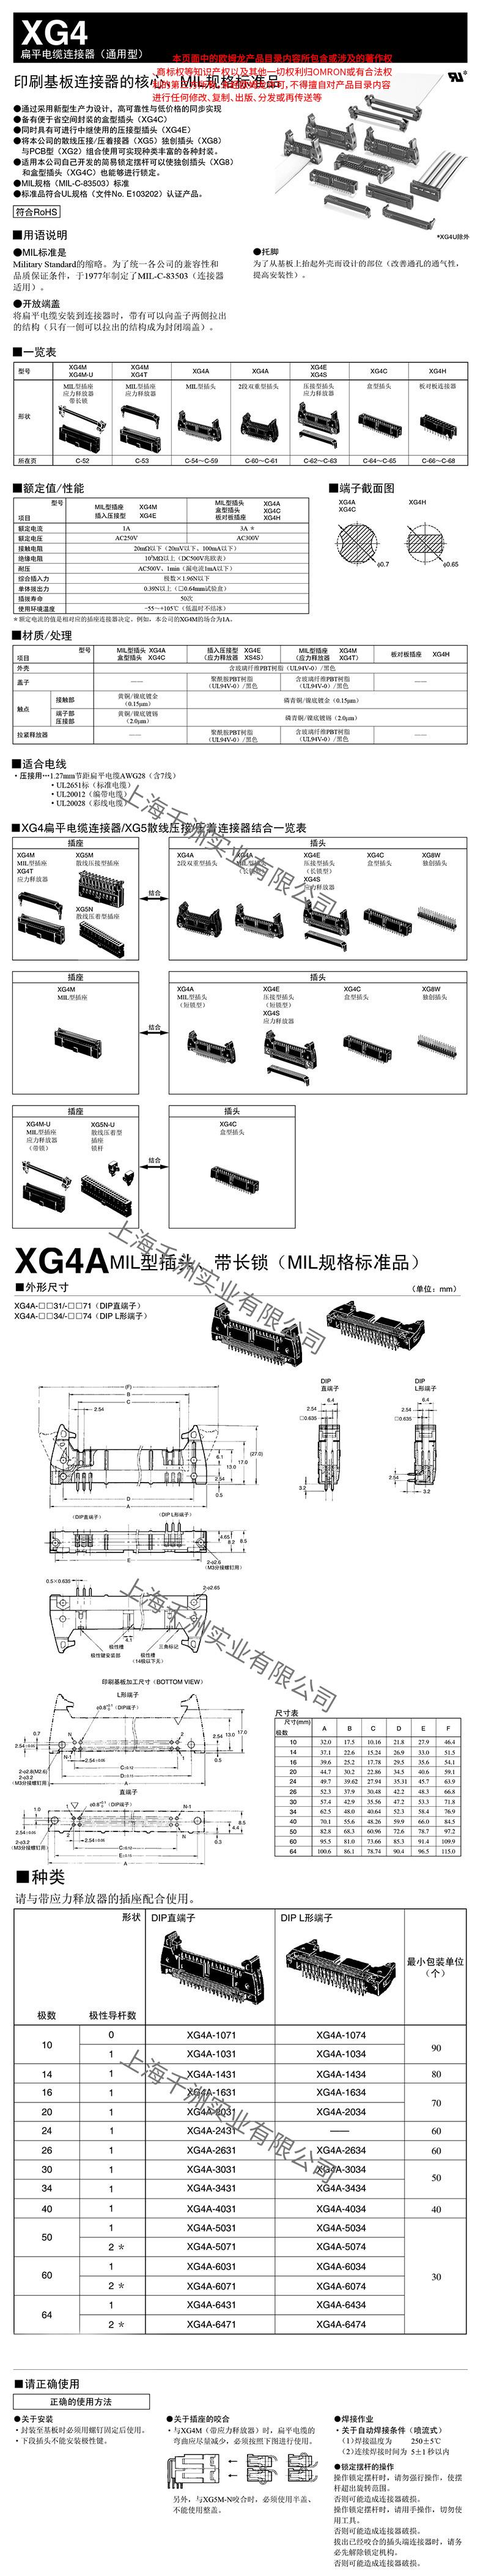 XG4A参数详情